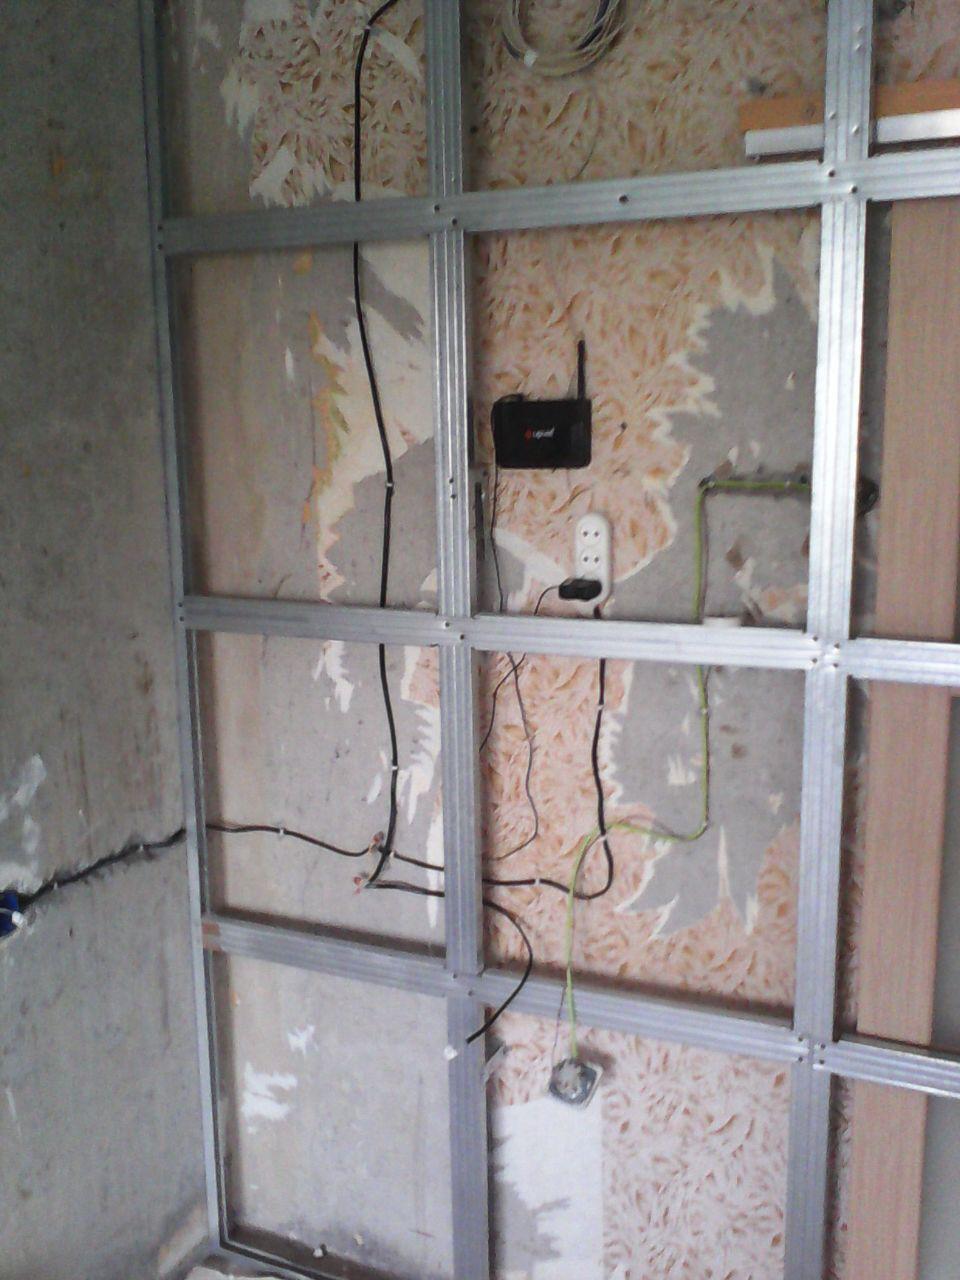 Электро проводка и wi-fi будут спрятаны под гипсокартоном ремонт, рукожопие, японский стиль